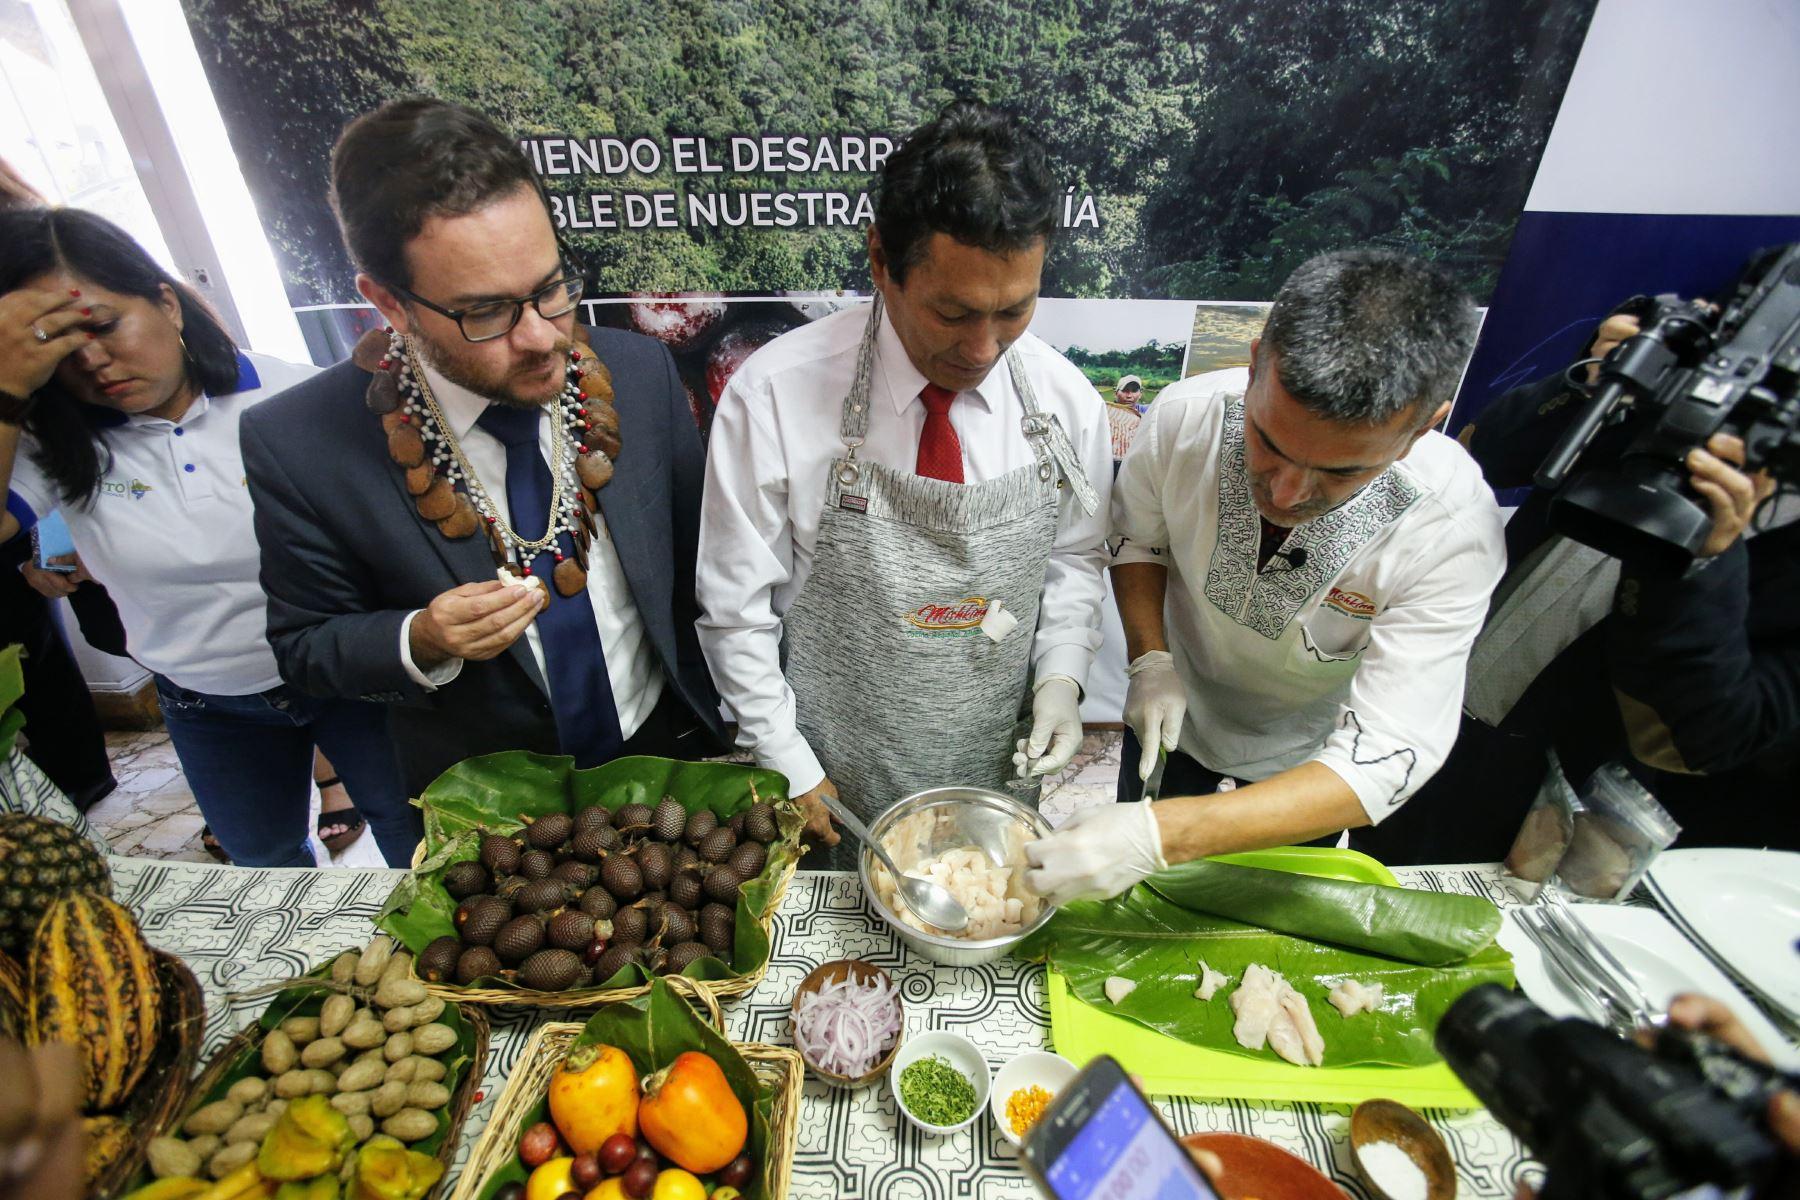 Productos amazónicos atraen el interés de compradores internacionales. ANDINA/Nathalie Sayago